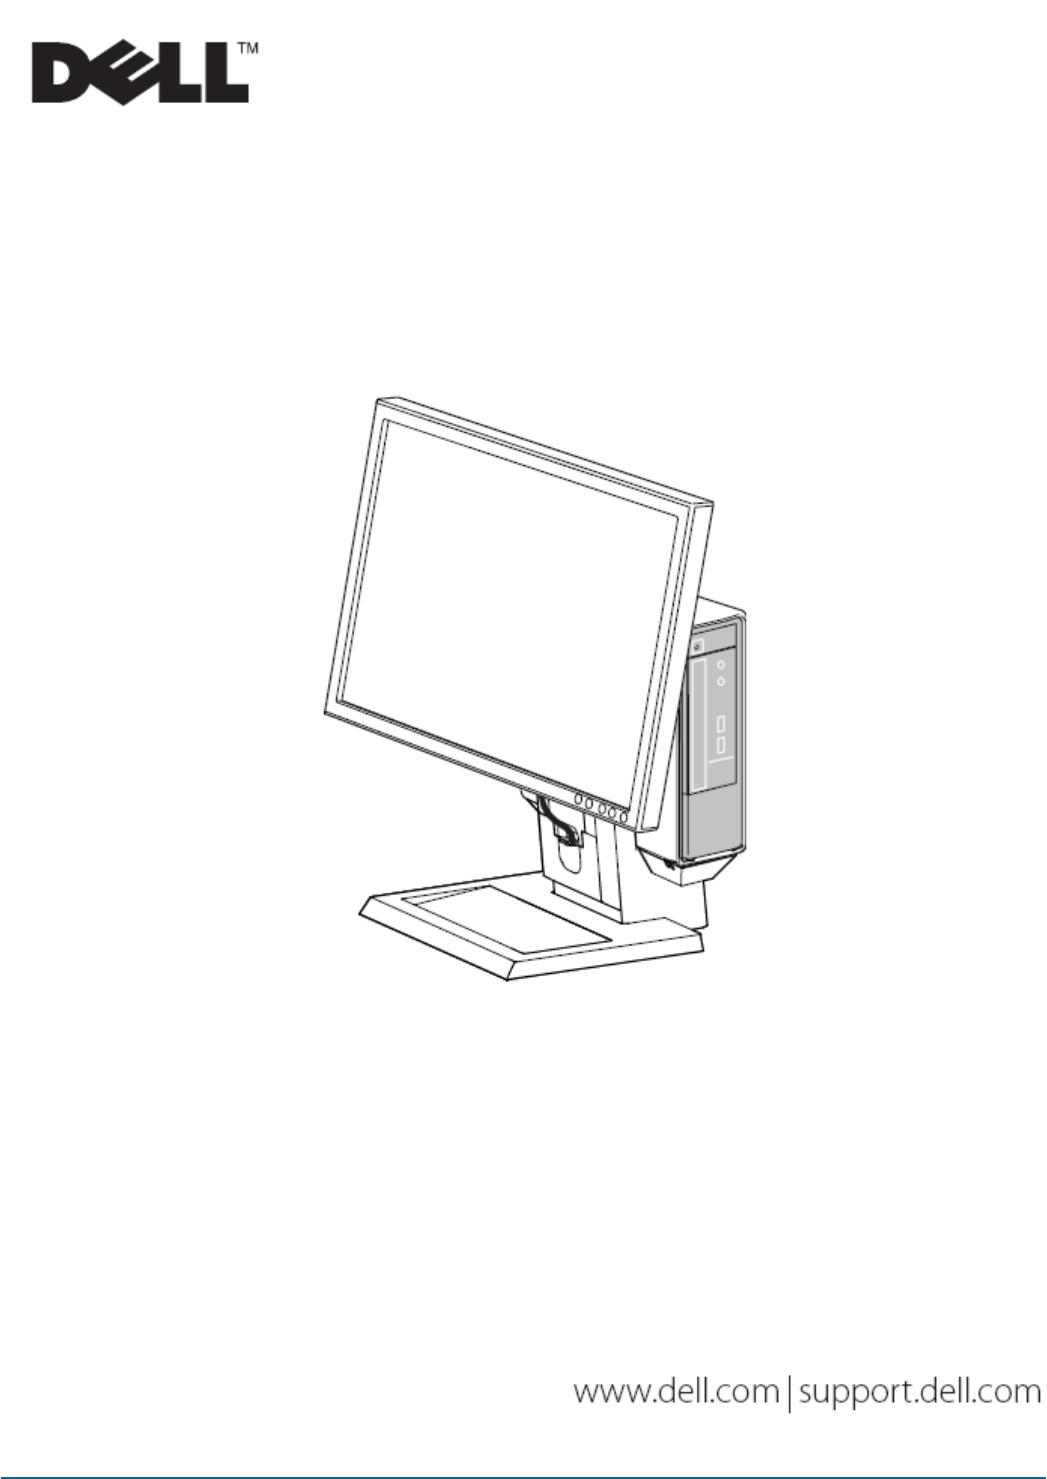 Dell Computer Monitor P User Guide